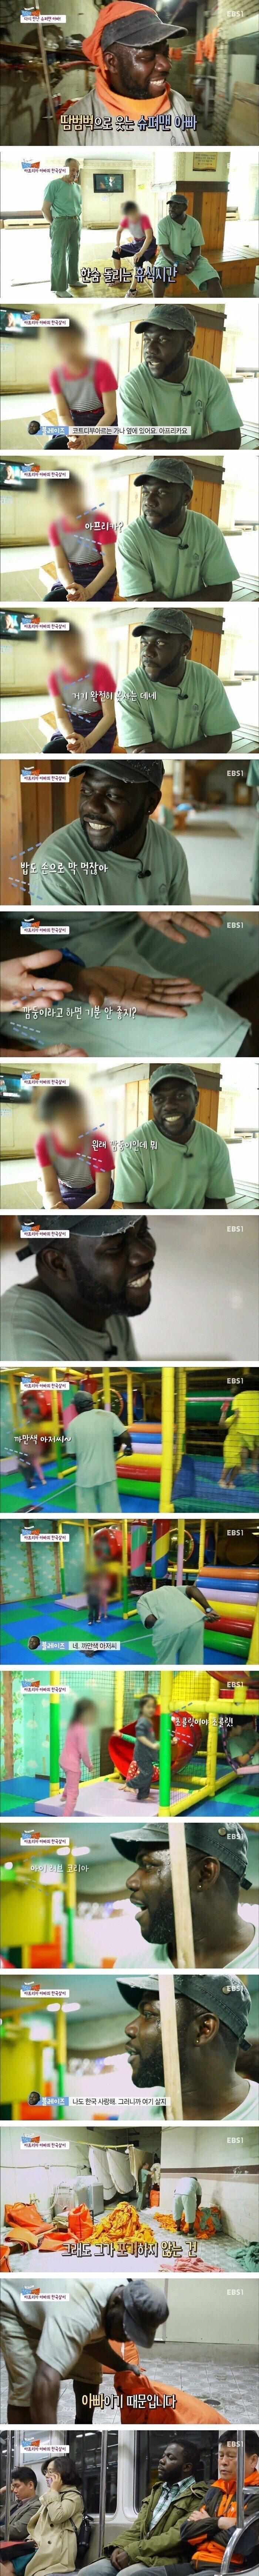 한국에서 저소득 아프리카 흑인으로 살아간다는 것.